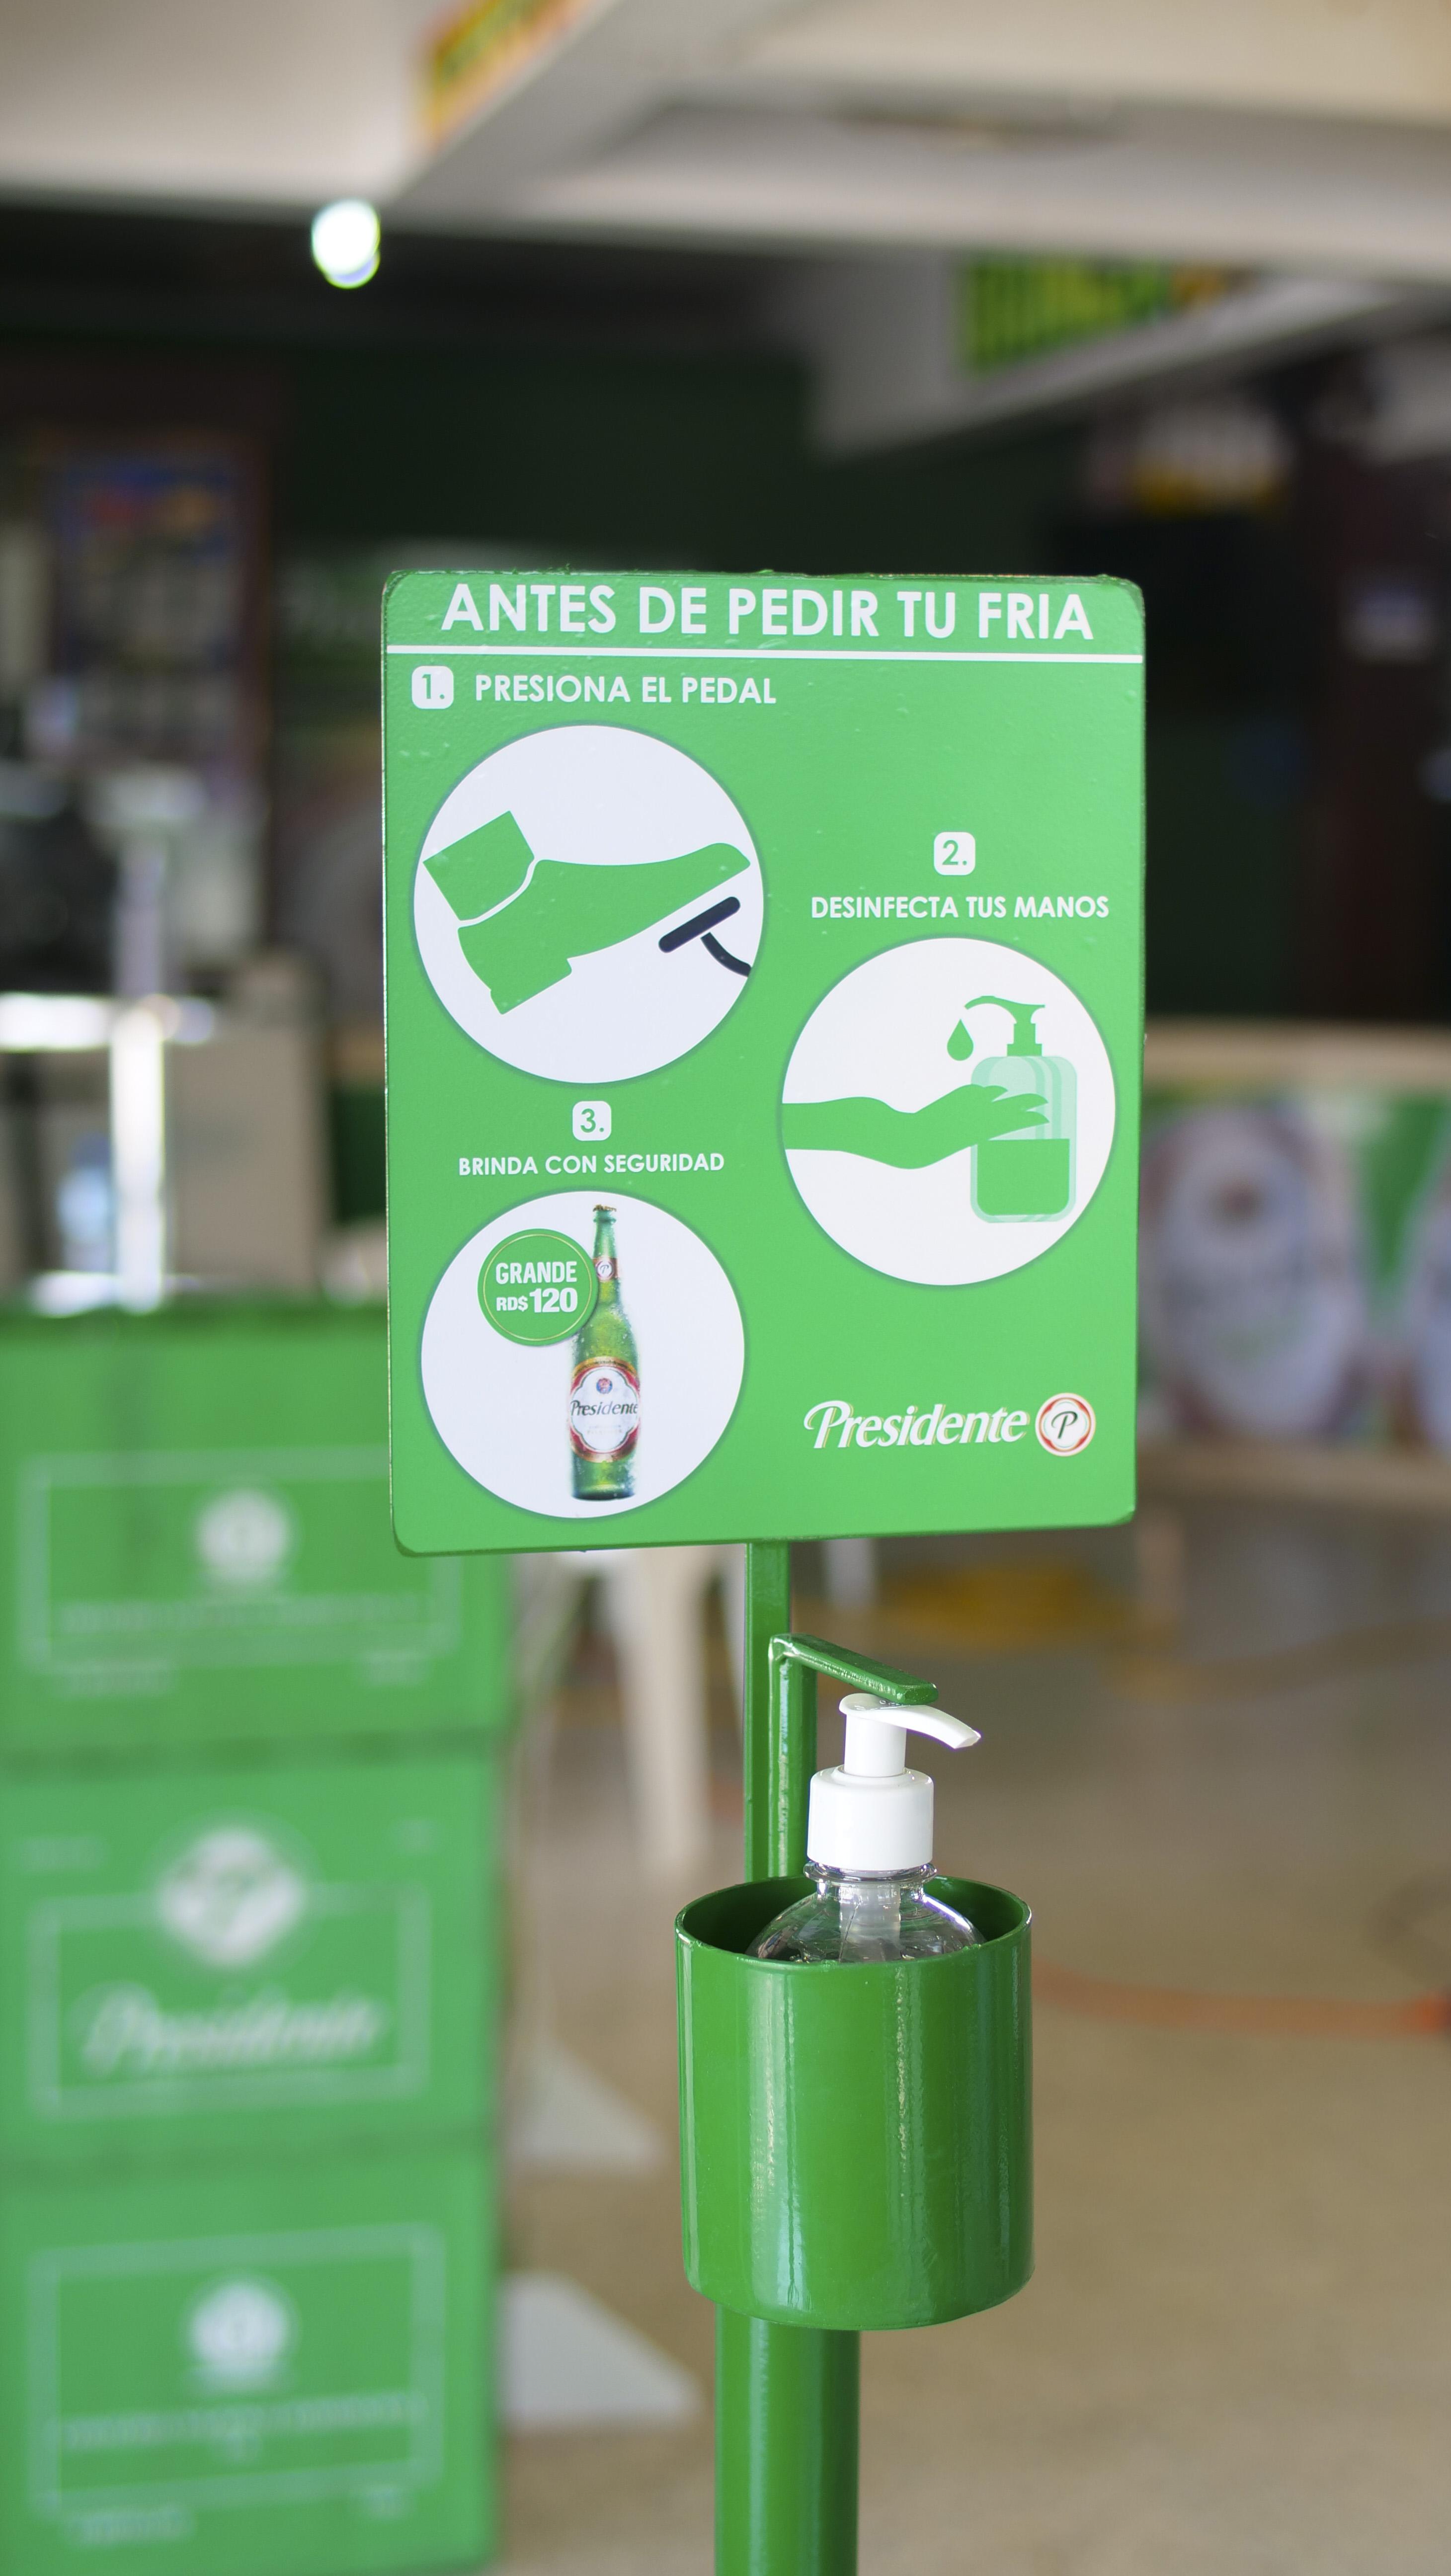 Cervecería anuncia una serie de acciones para hacer de los colmados lugares seguros para los consumidores